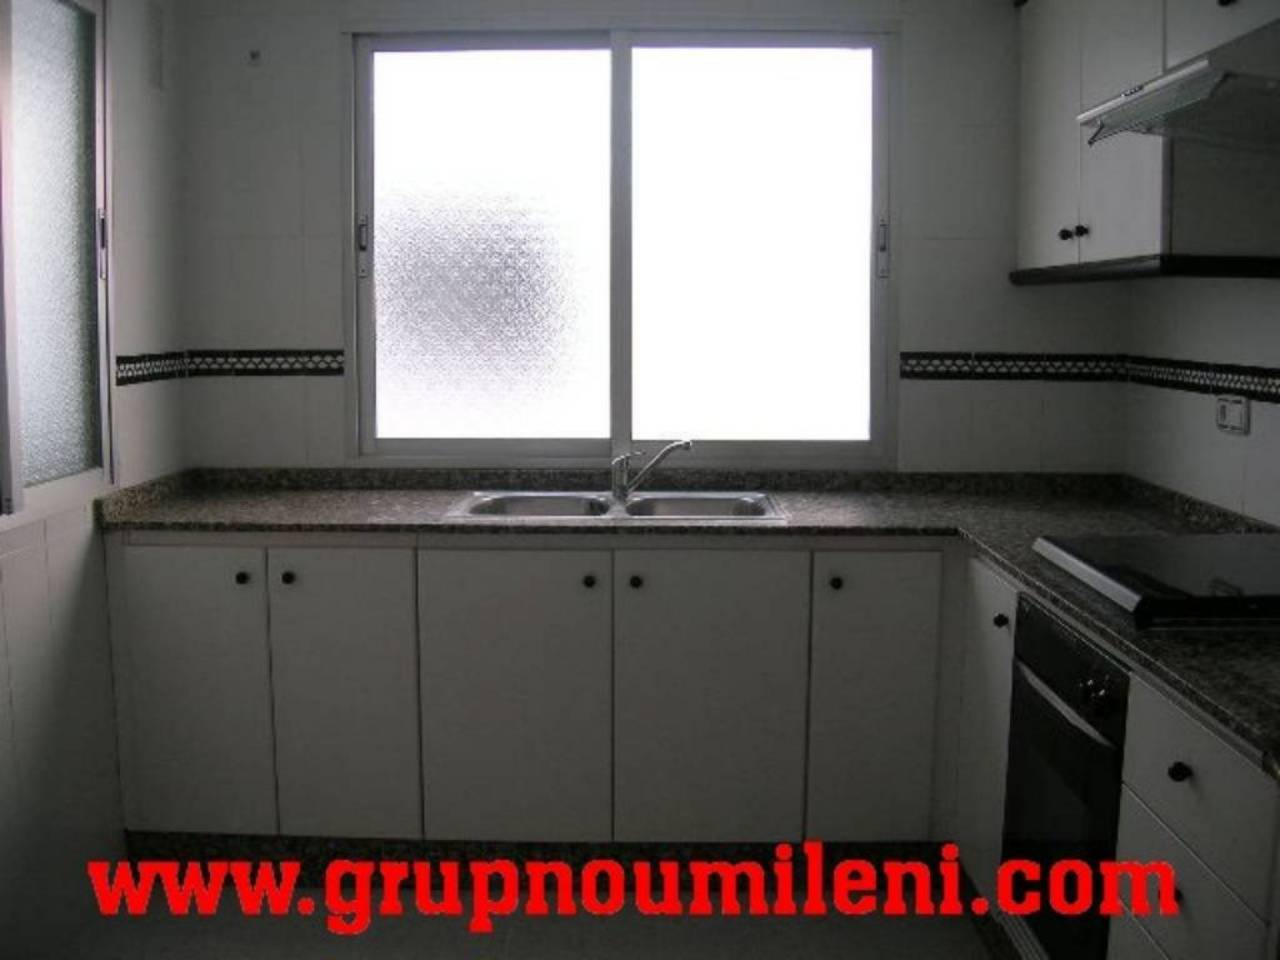 Lloguer Pis  San carlos. Altura piso 4º, piso superficie total 90 m², superficie útil 90